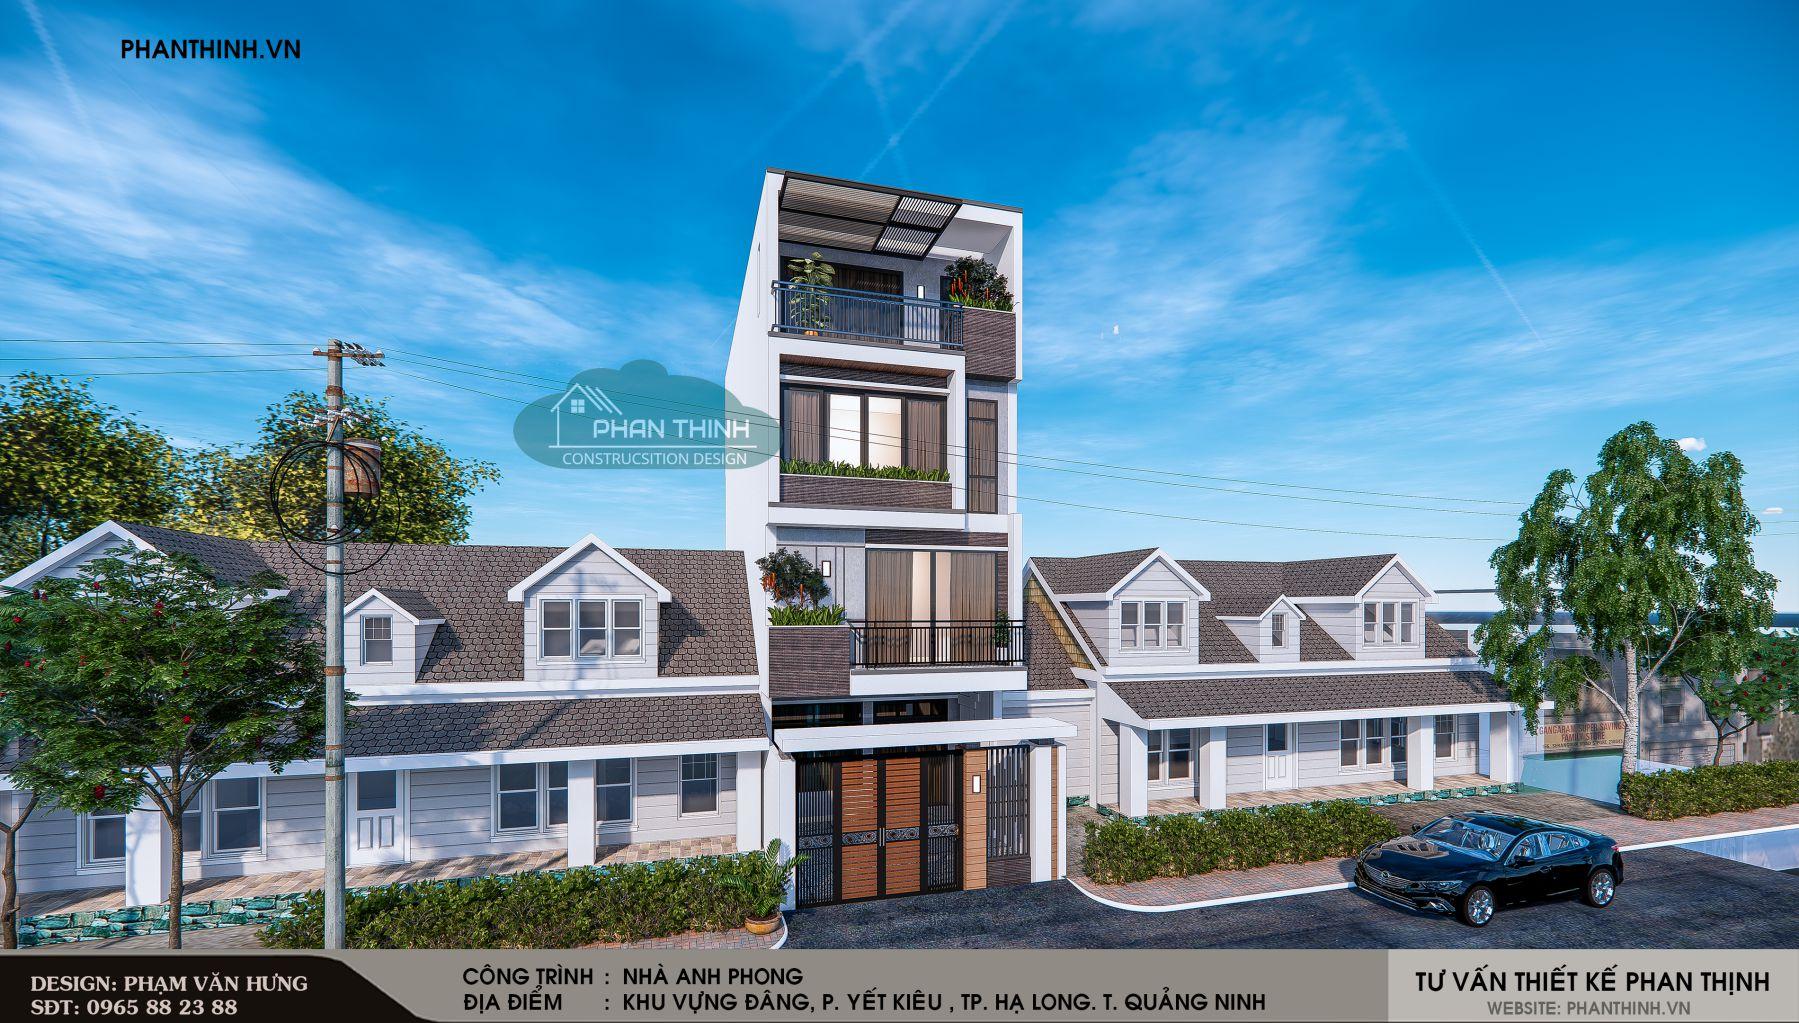 Thiết kế phối cảnh mặt tiền phương án 1 căn nhà ống 4 tầng đẹp tại Quảng Ninh góc số 2.